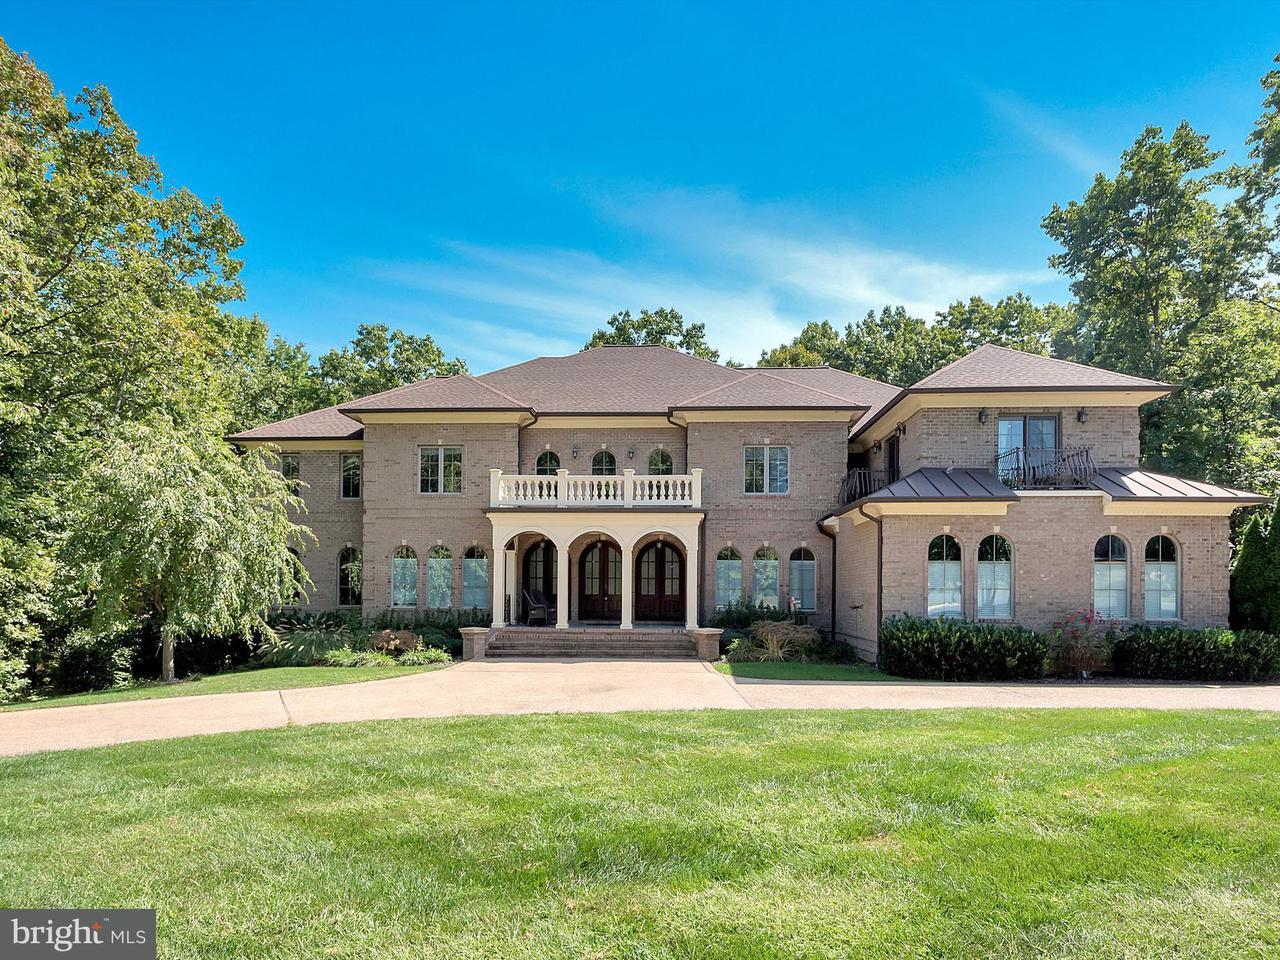 一戸建て のために 売買 アット 11132 Vanderbilt Cv 11132 Vanderbilt Cv Spotsylvania, バージニア 22551 アメリカ合衆国